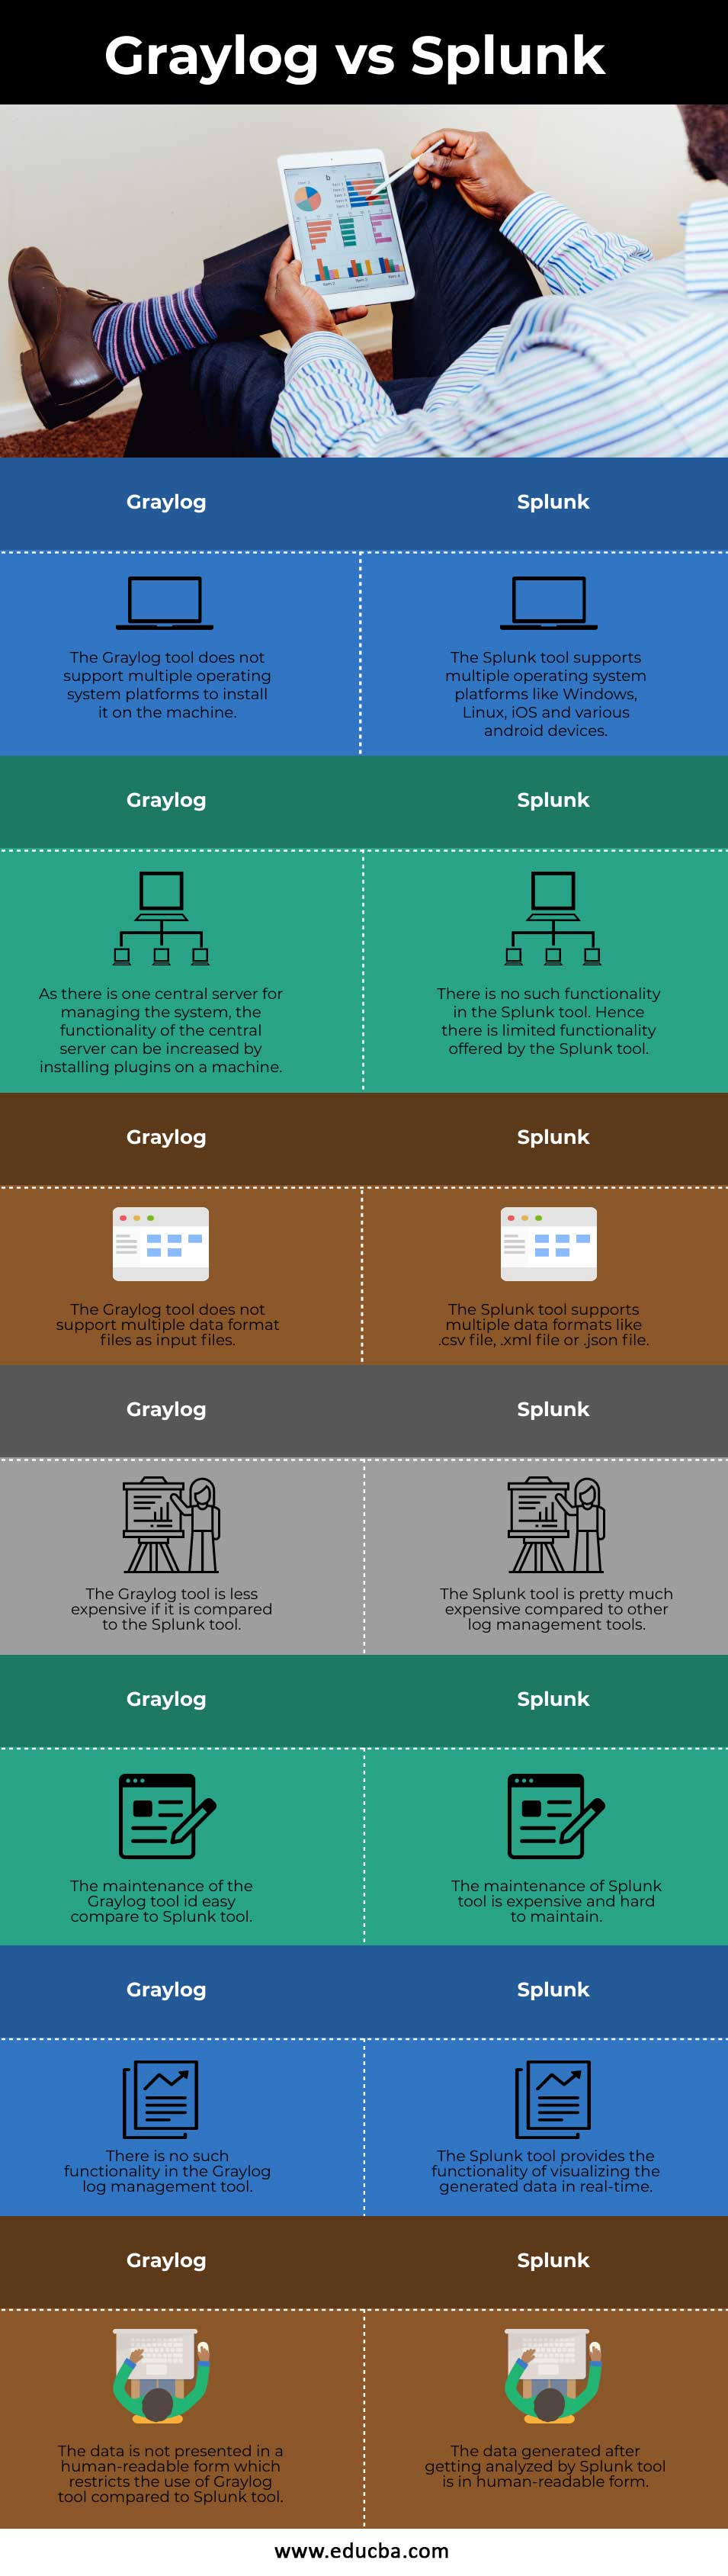 Graylog-vs-Splunk-info